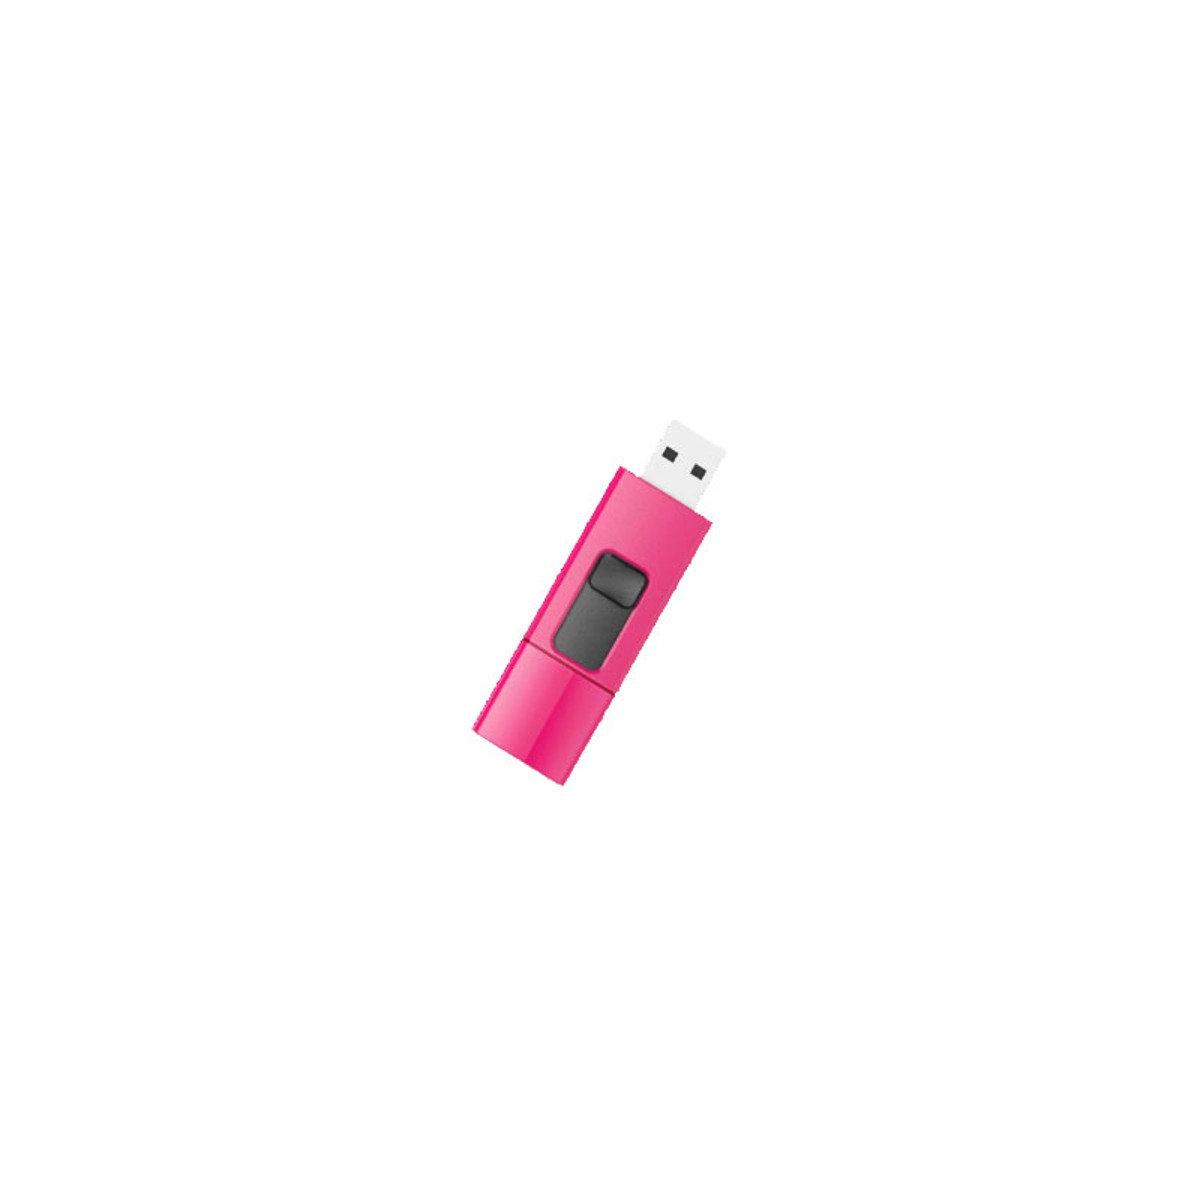 高速USB3.0快閃記憶棒 64GB Blaze B05 粉紅